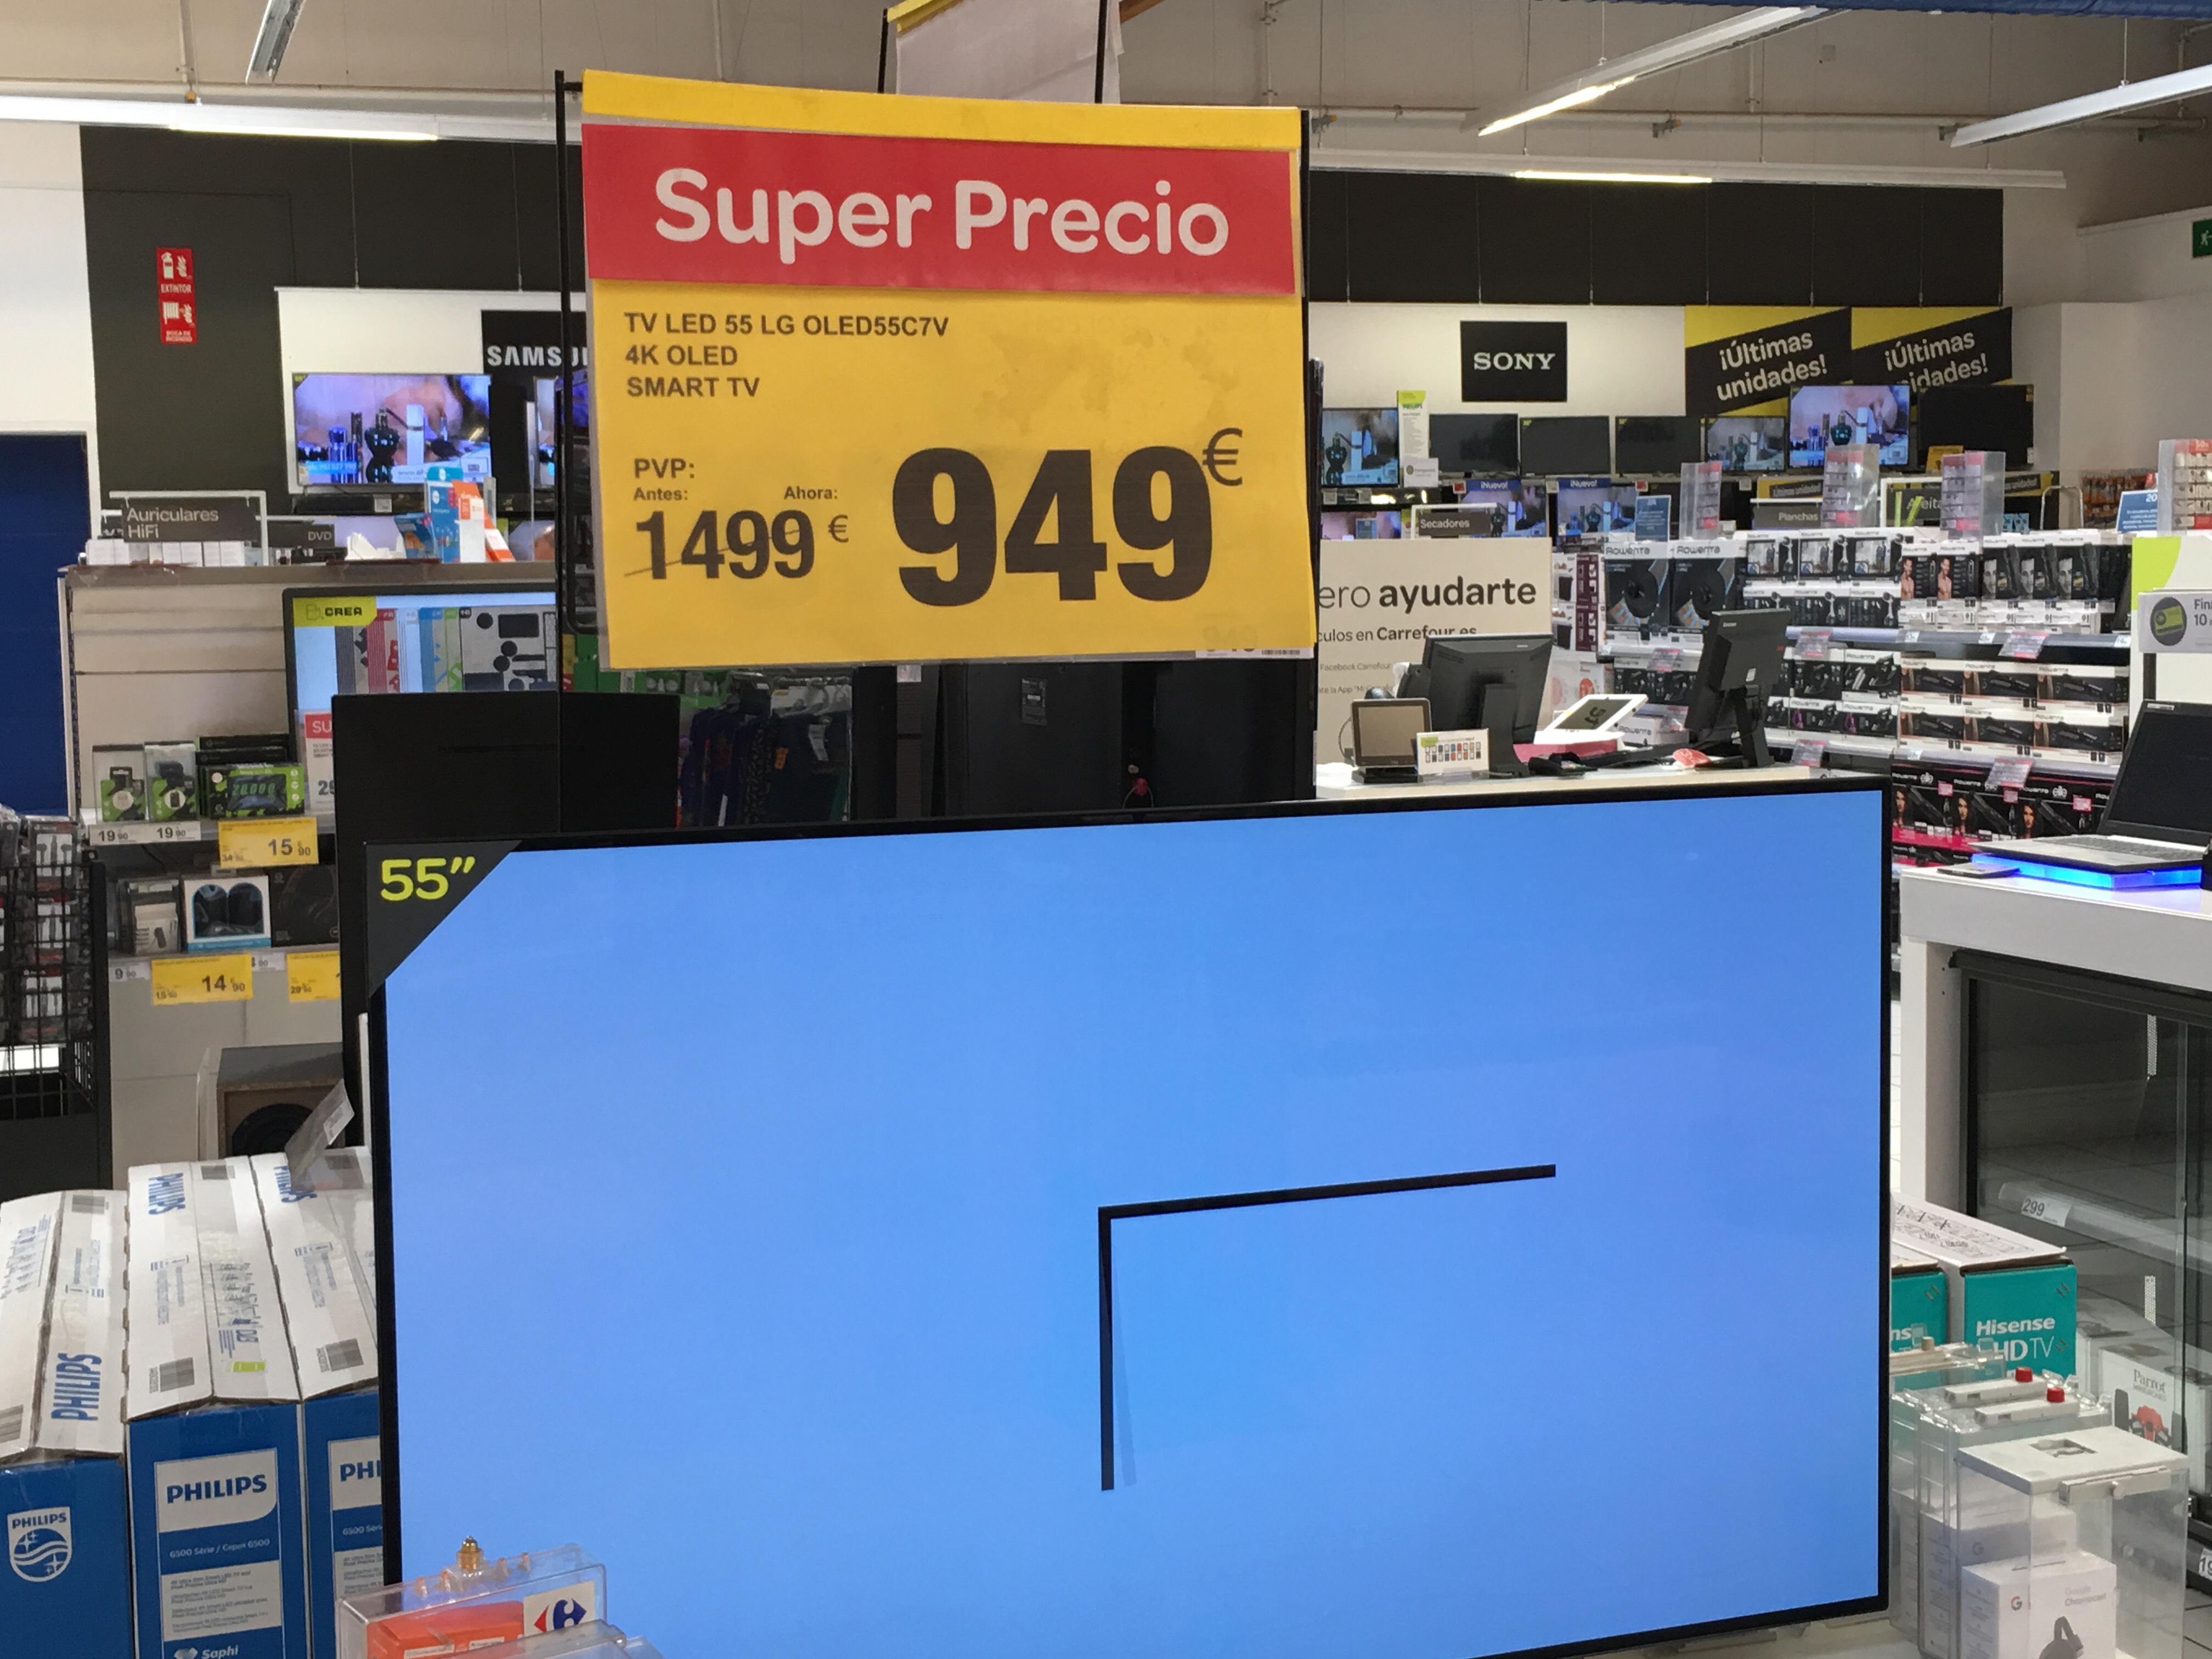 TV LED 55 LG OLED55C7V